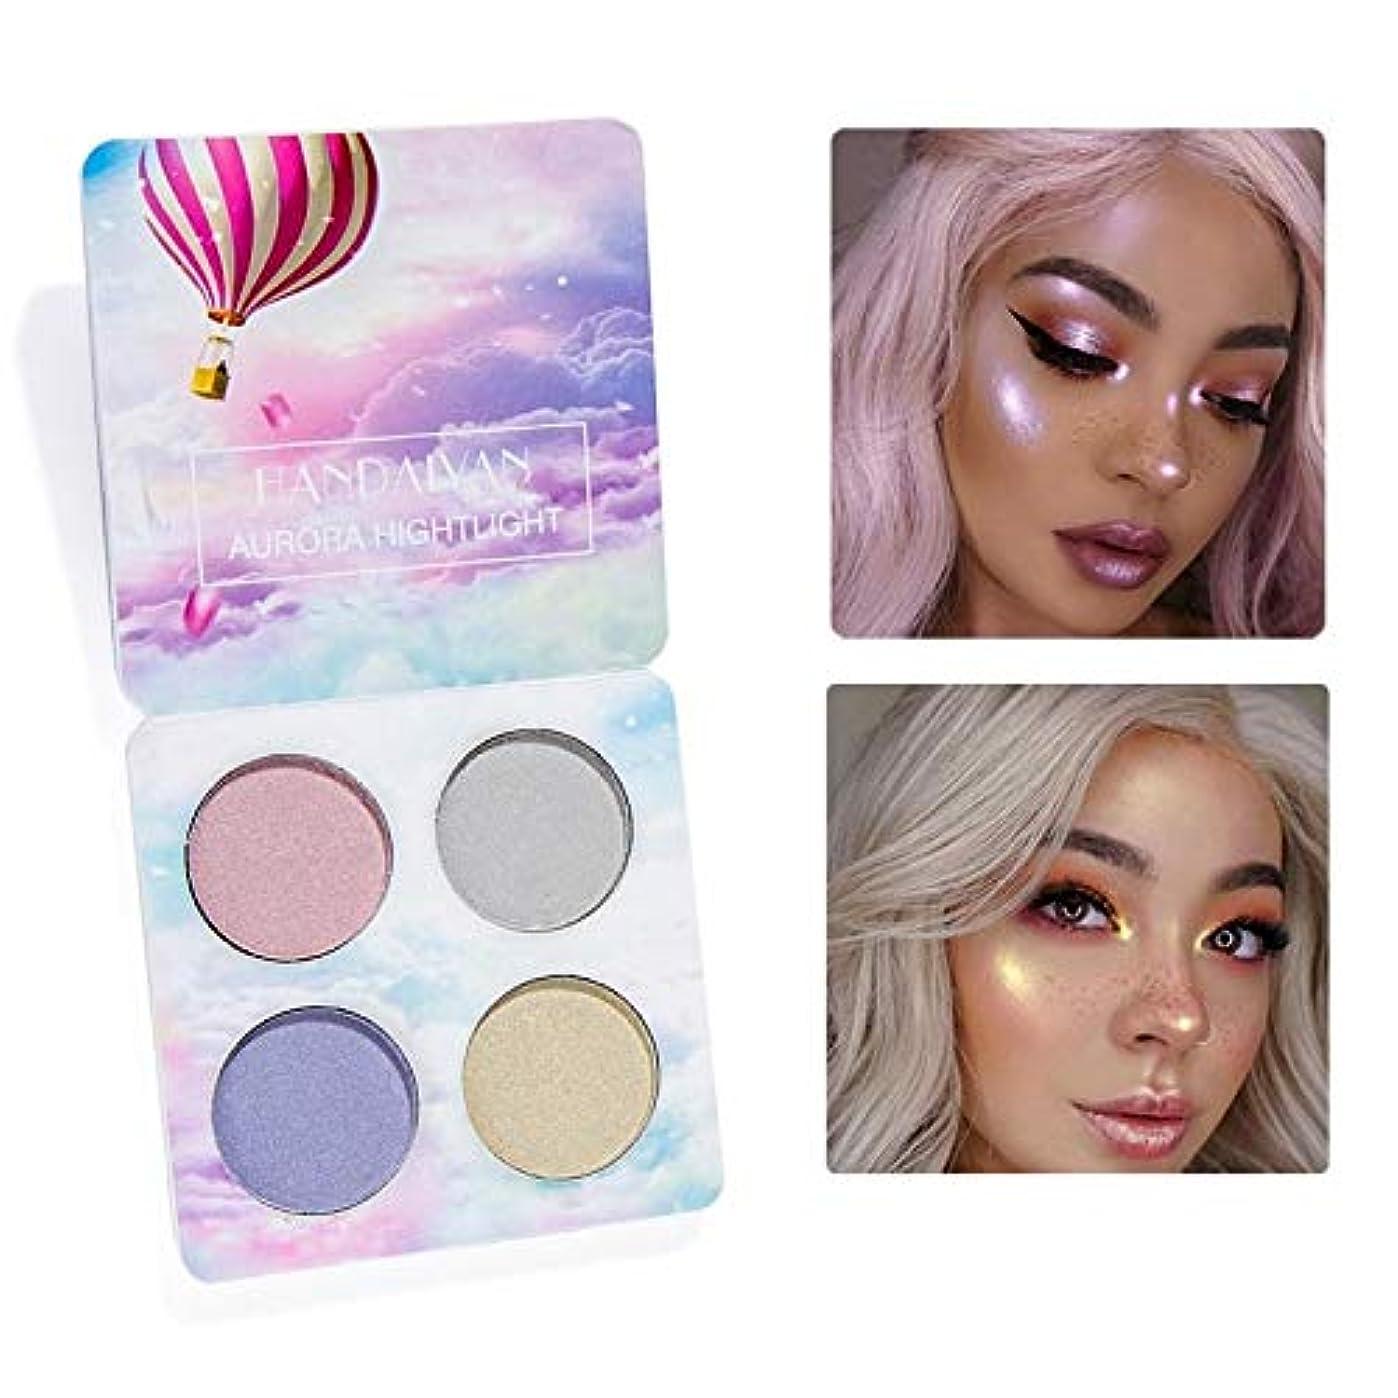 宿泊平行チェリーFestival Makeup Highlighter Powder Glow Kit iluminador maquillage Brighten Shimmer Shine Rainbow Pigment Highlighter Palette